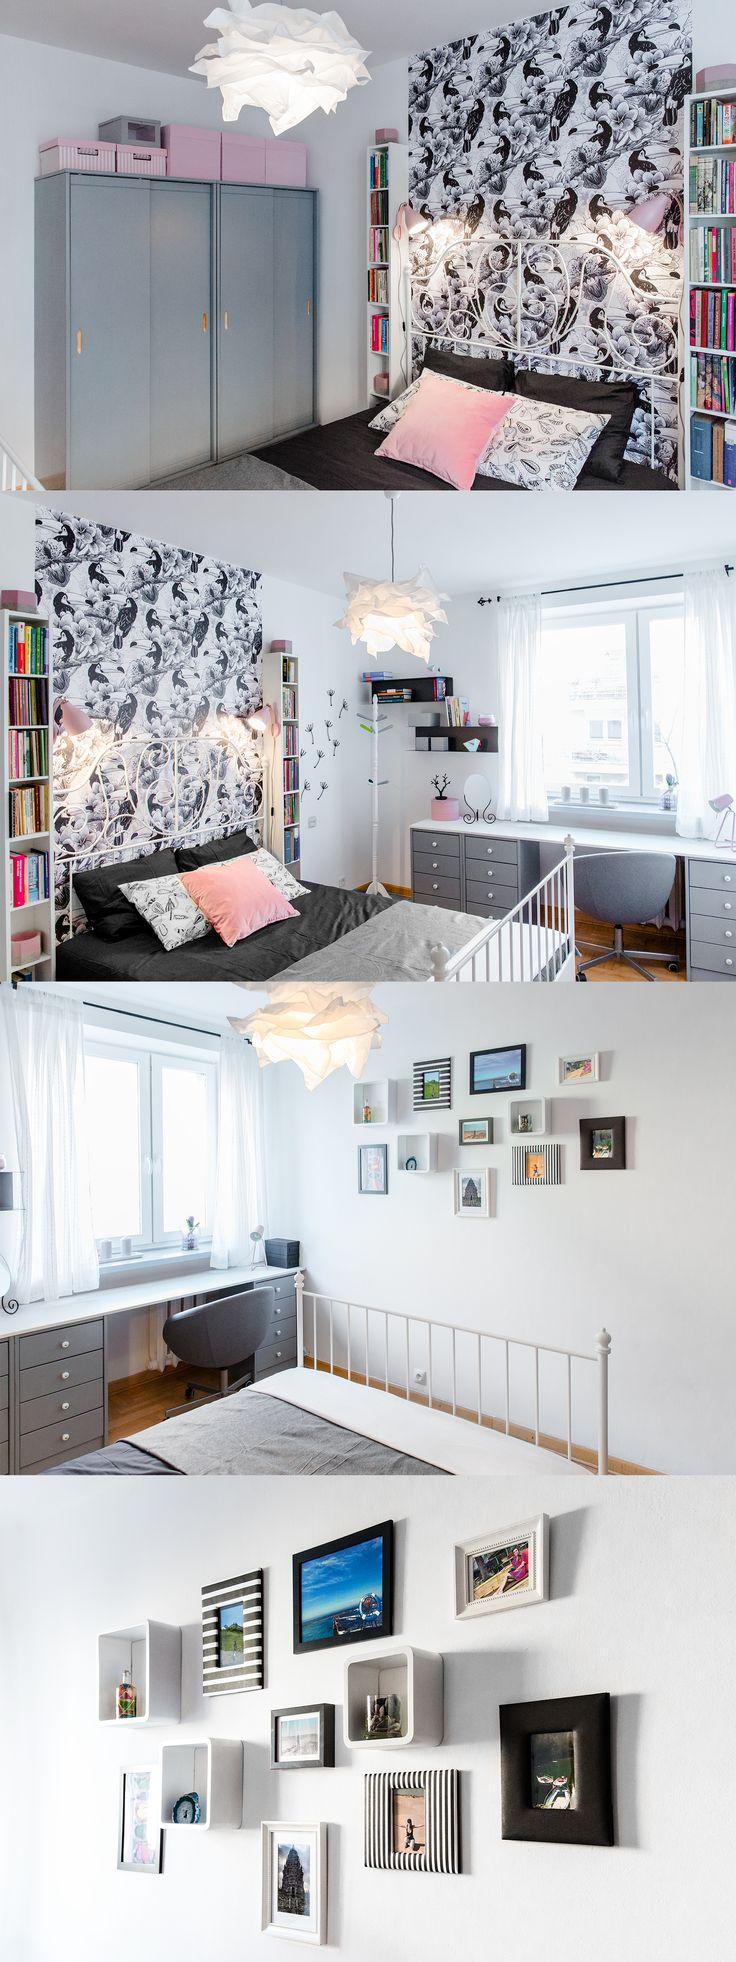 Sypialnia odważnej i romantycznej dziewczyny, stworzona częściowo z zastanych mebli, które pamiętają wczesnej dzieciństwo bohaterki i jej siostry, która zdążyła się już wyprowadzić.